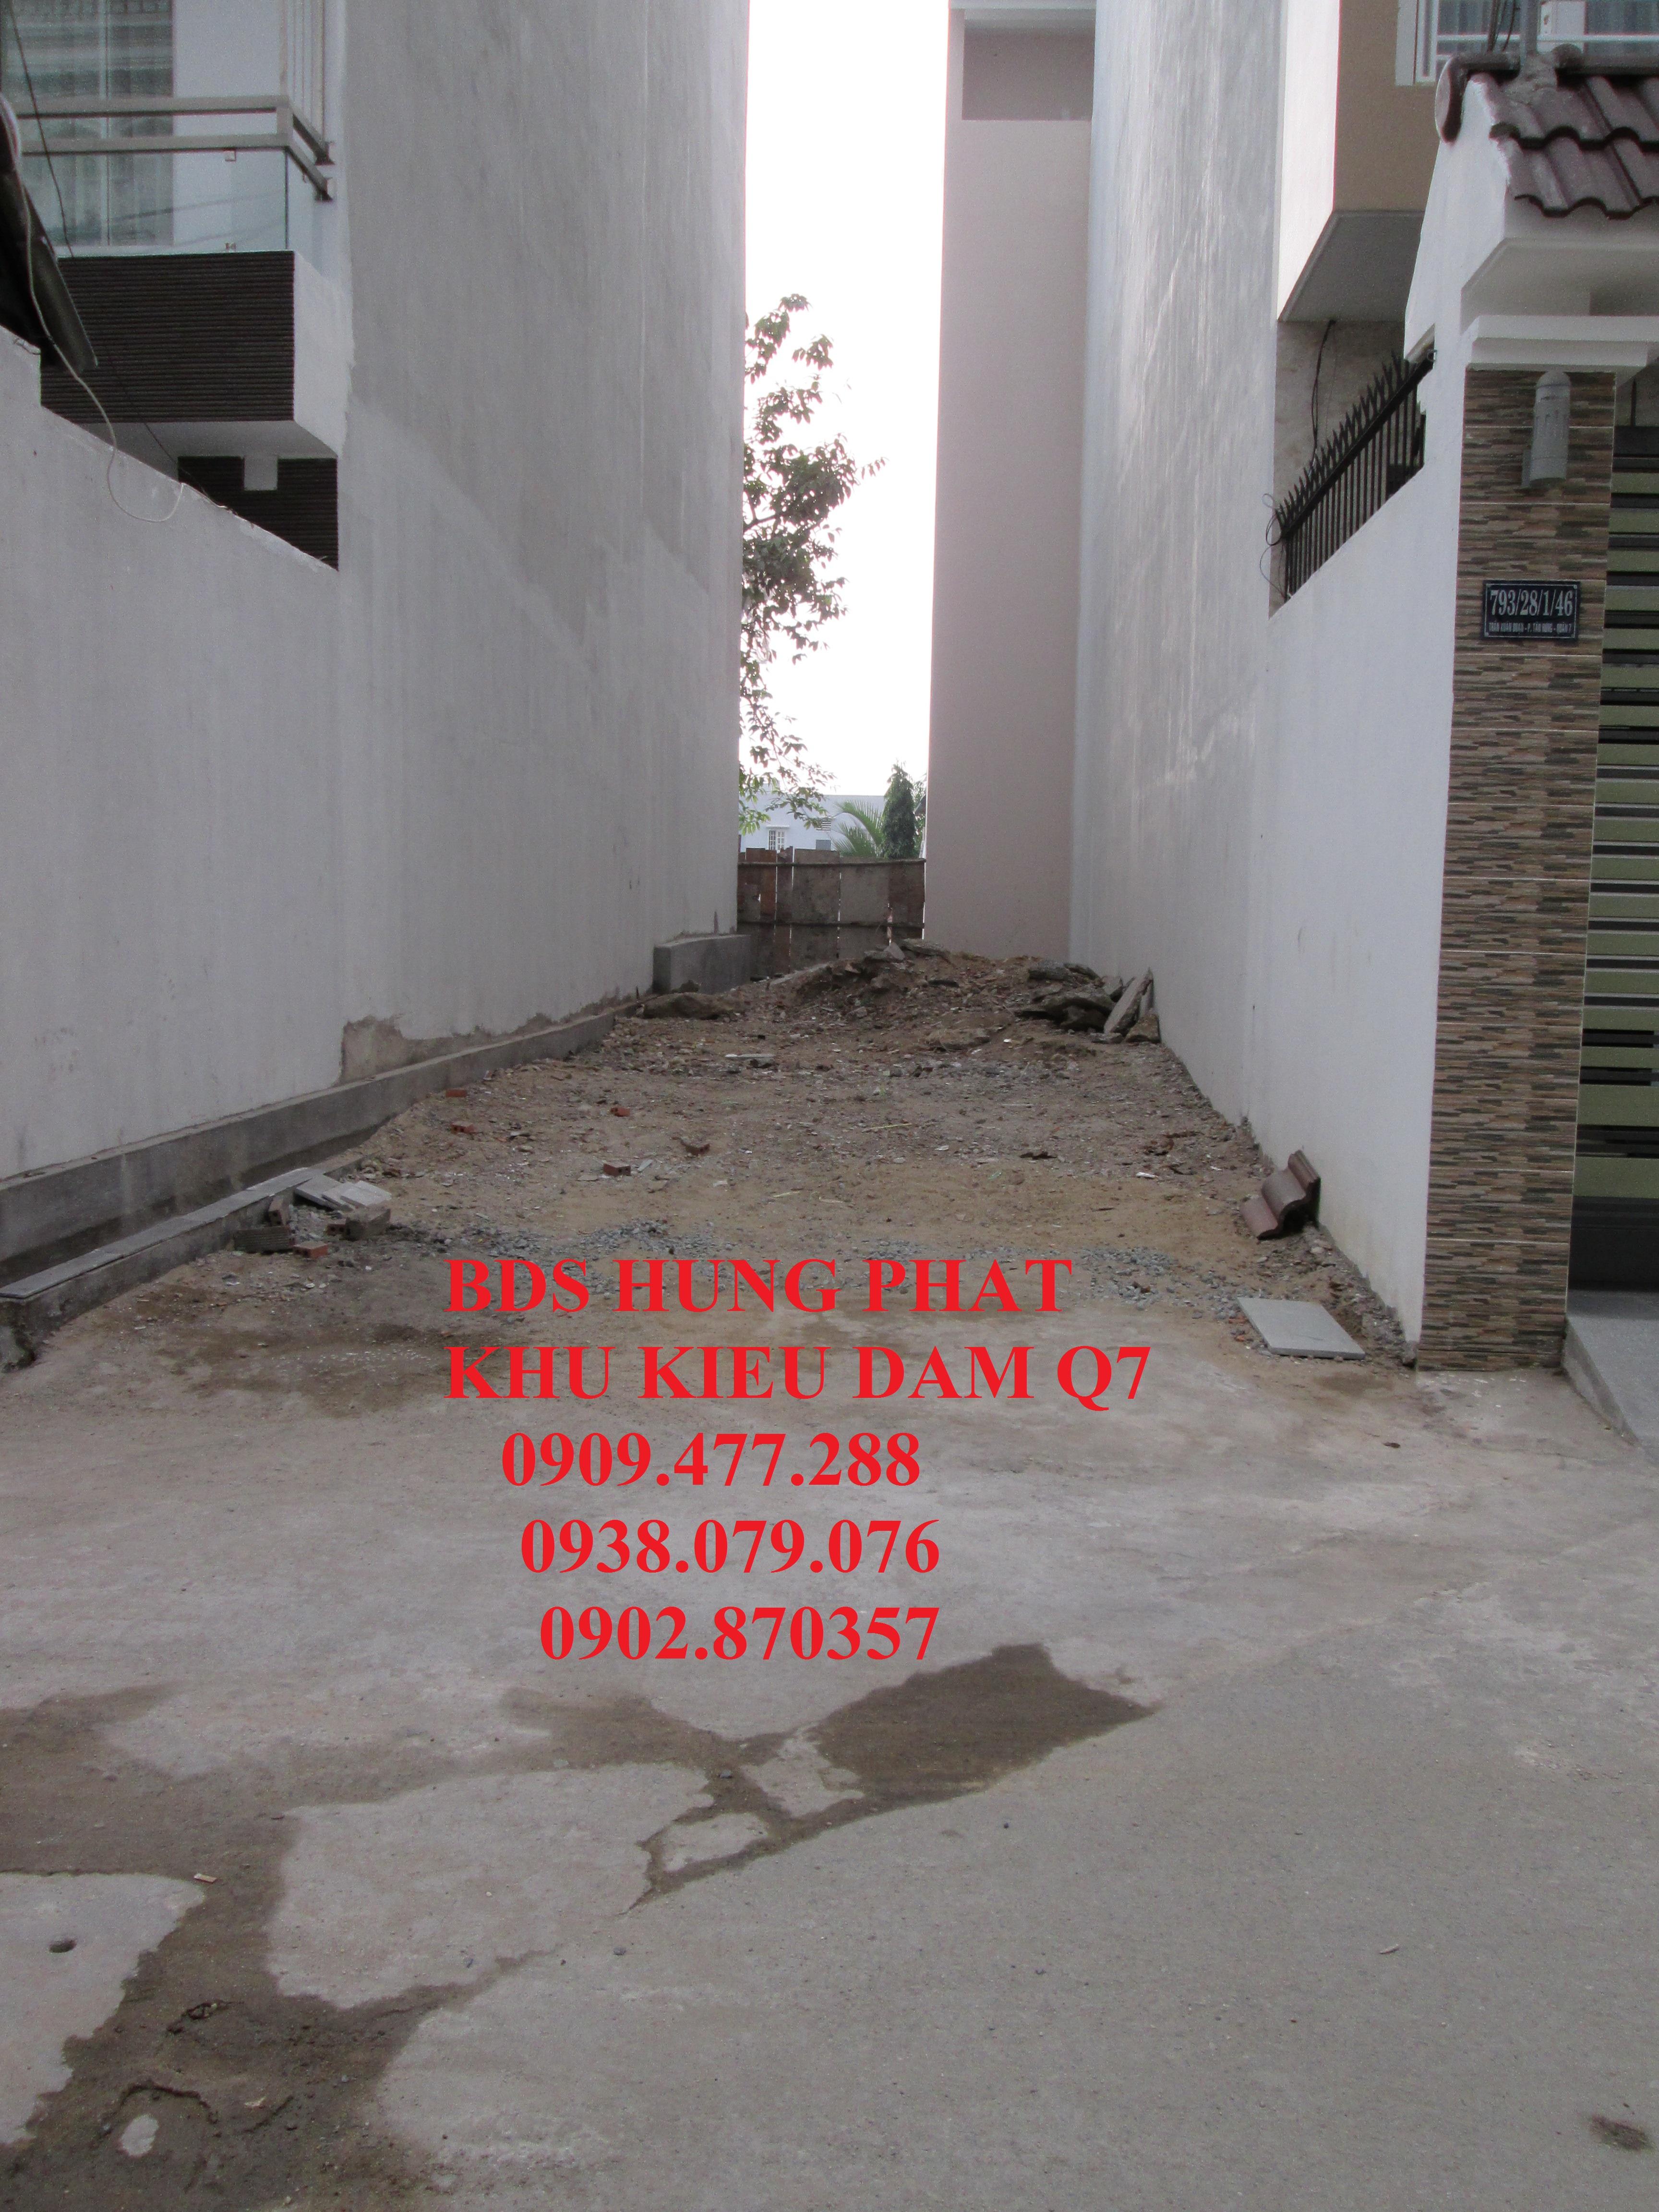 Đang cần tiền trả nợ ngân hàng nên bán gấp lô đất DT 5 x 17m, hướng Đông hẻm 793 Trần Xuân Soạn Q7, mặt tiền đường 7 m, giá bán 4,2 tỷ. Xây dựng hết.